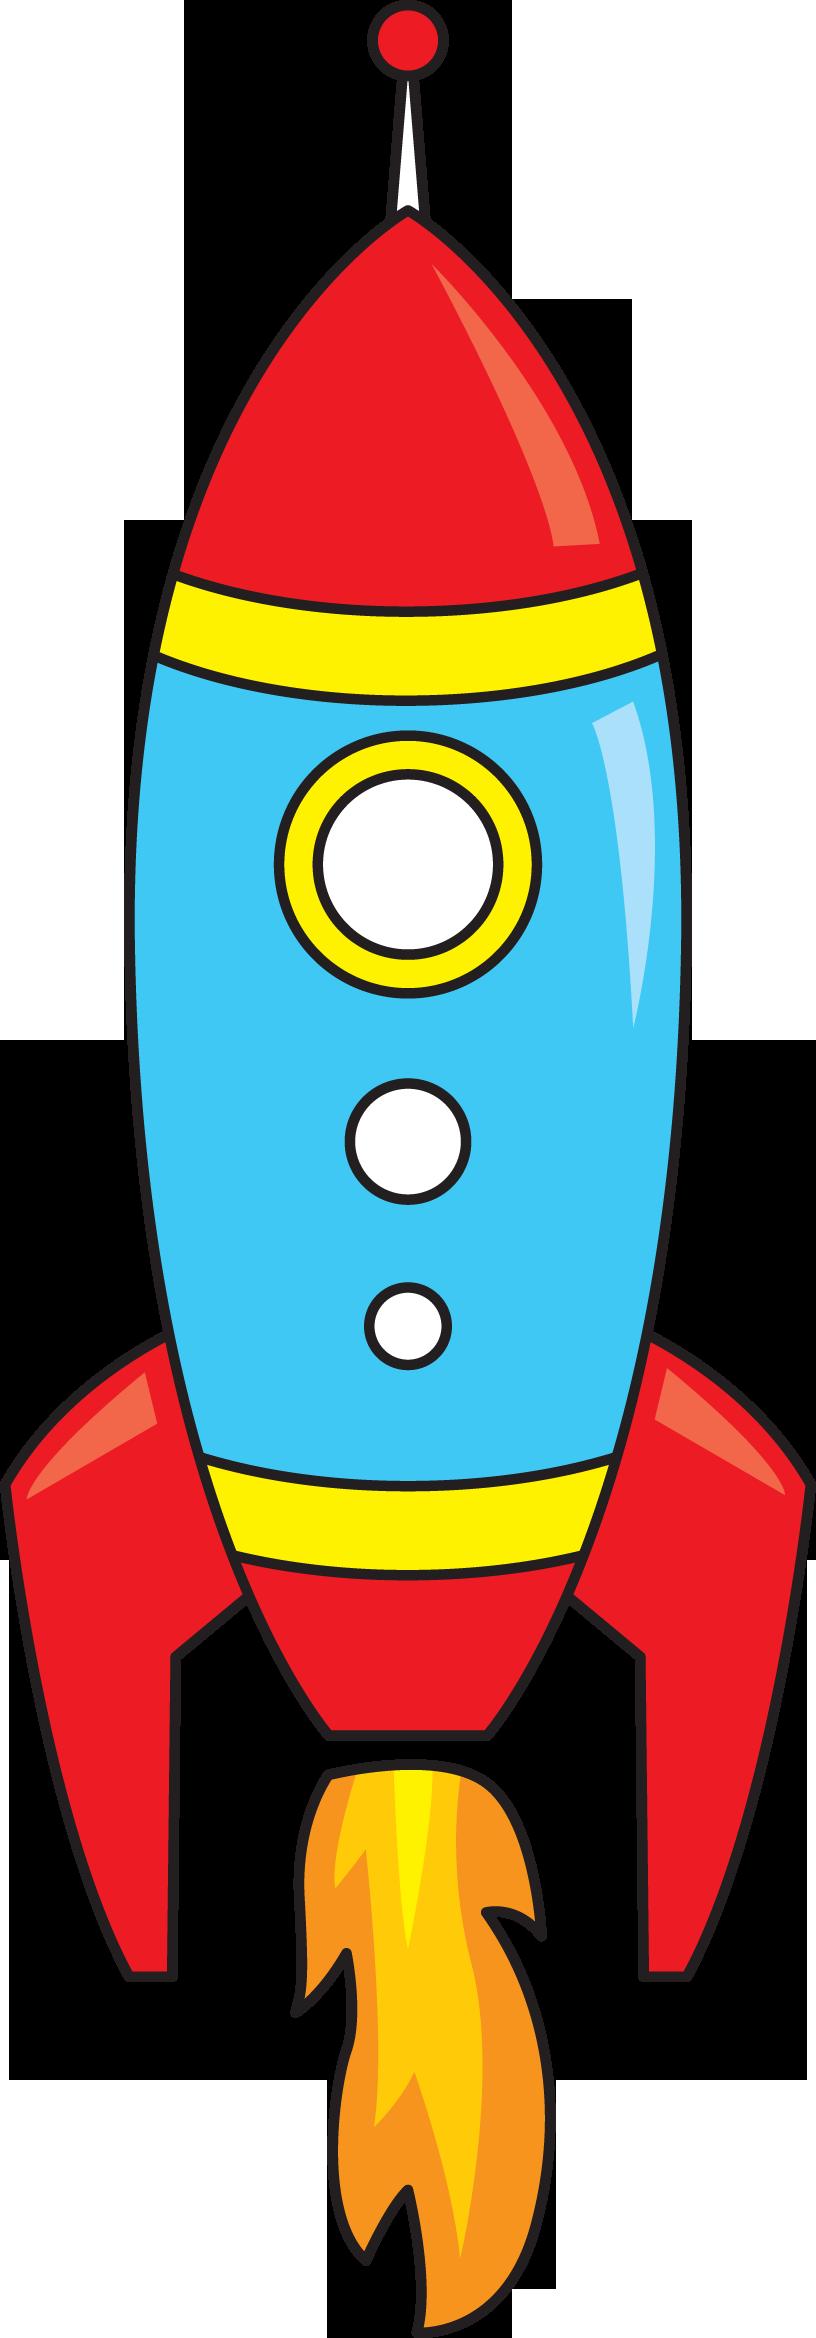 816x2338 Rocketship Clipart Rocket Ship